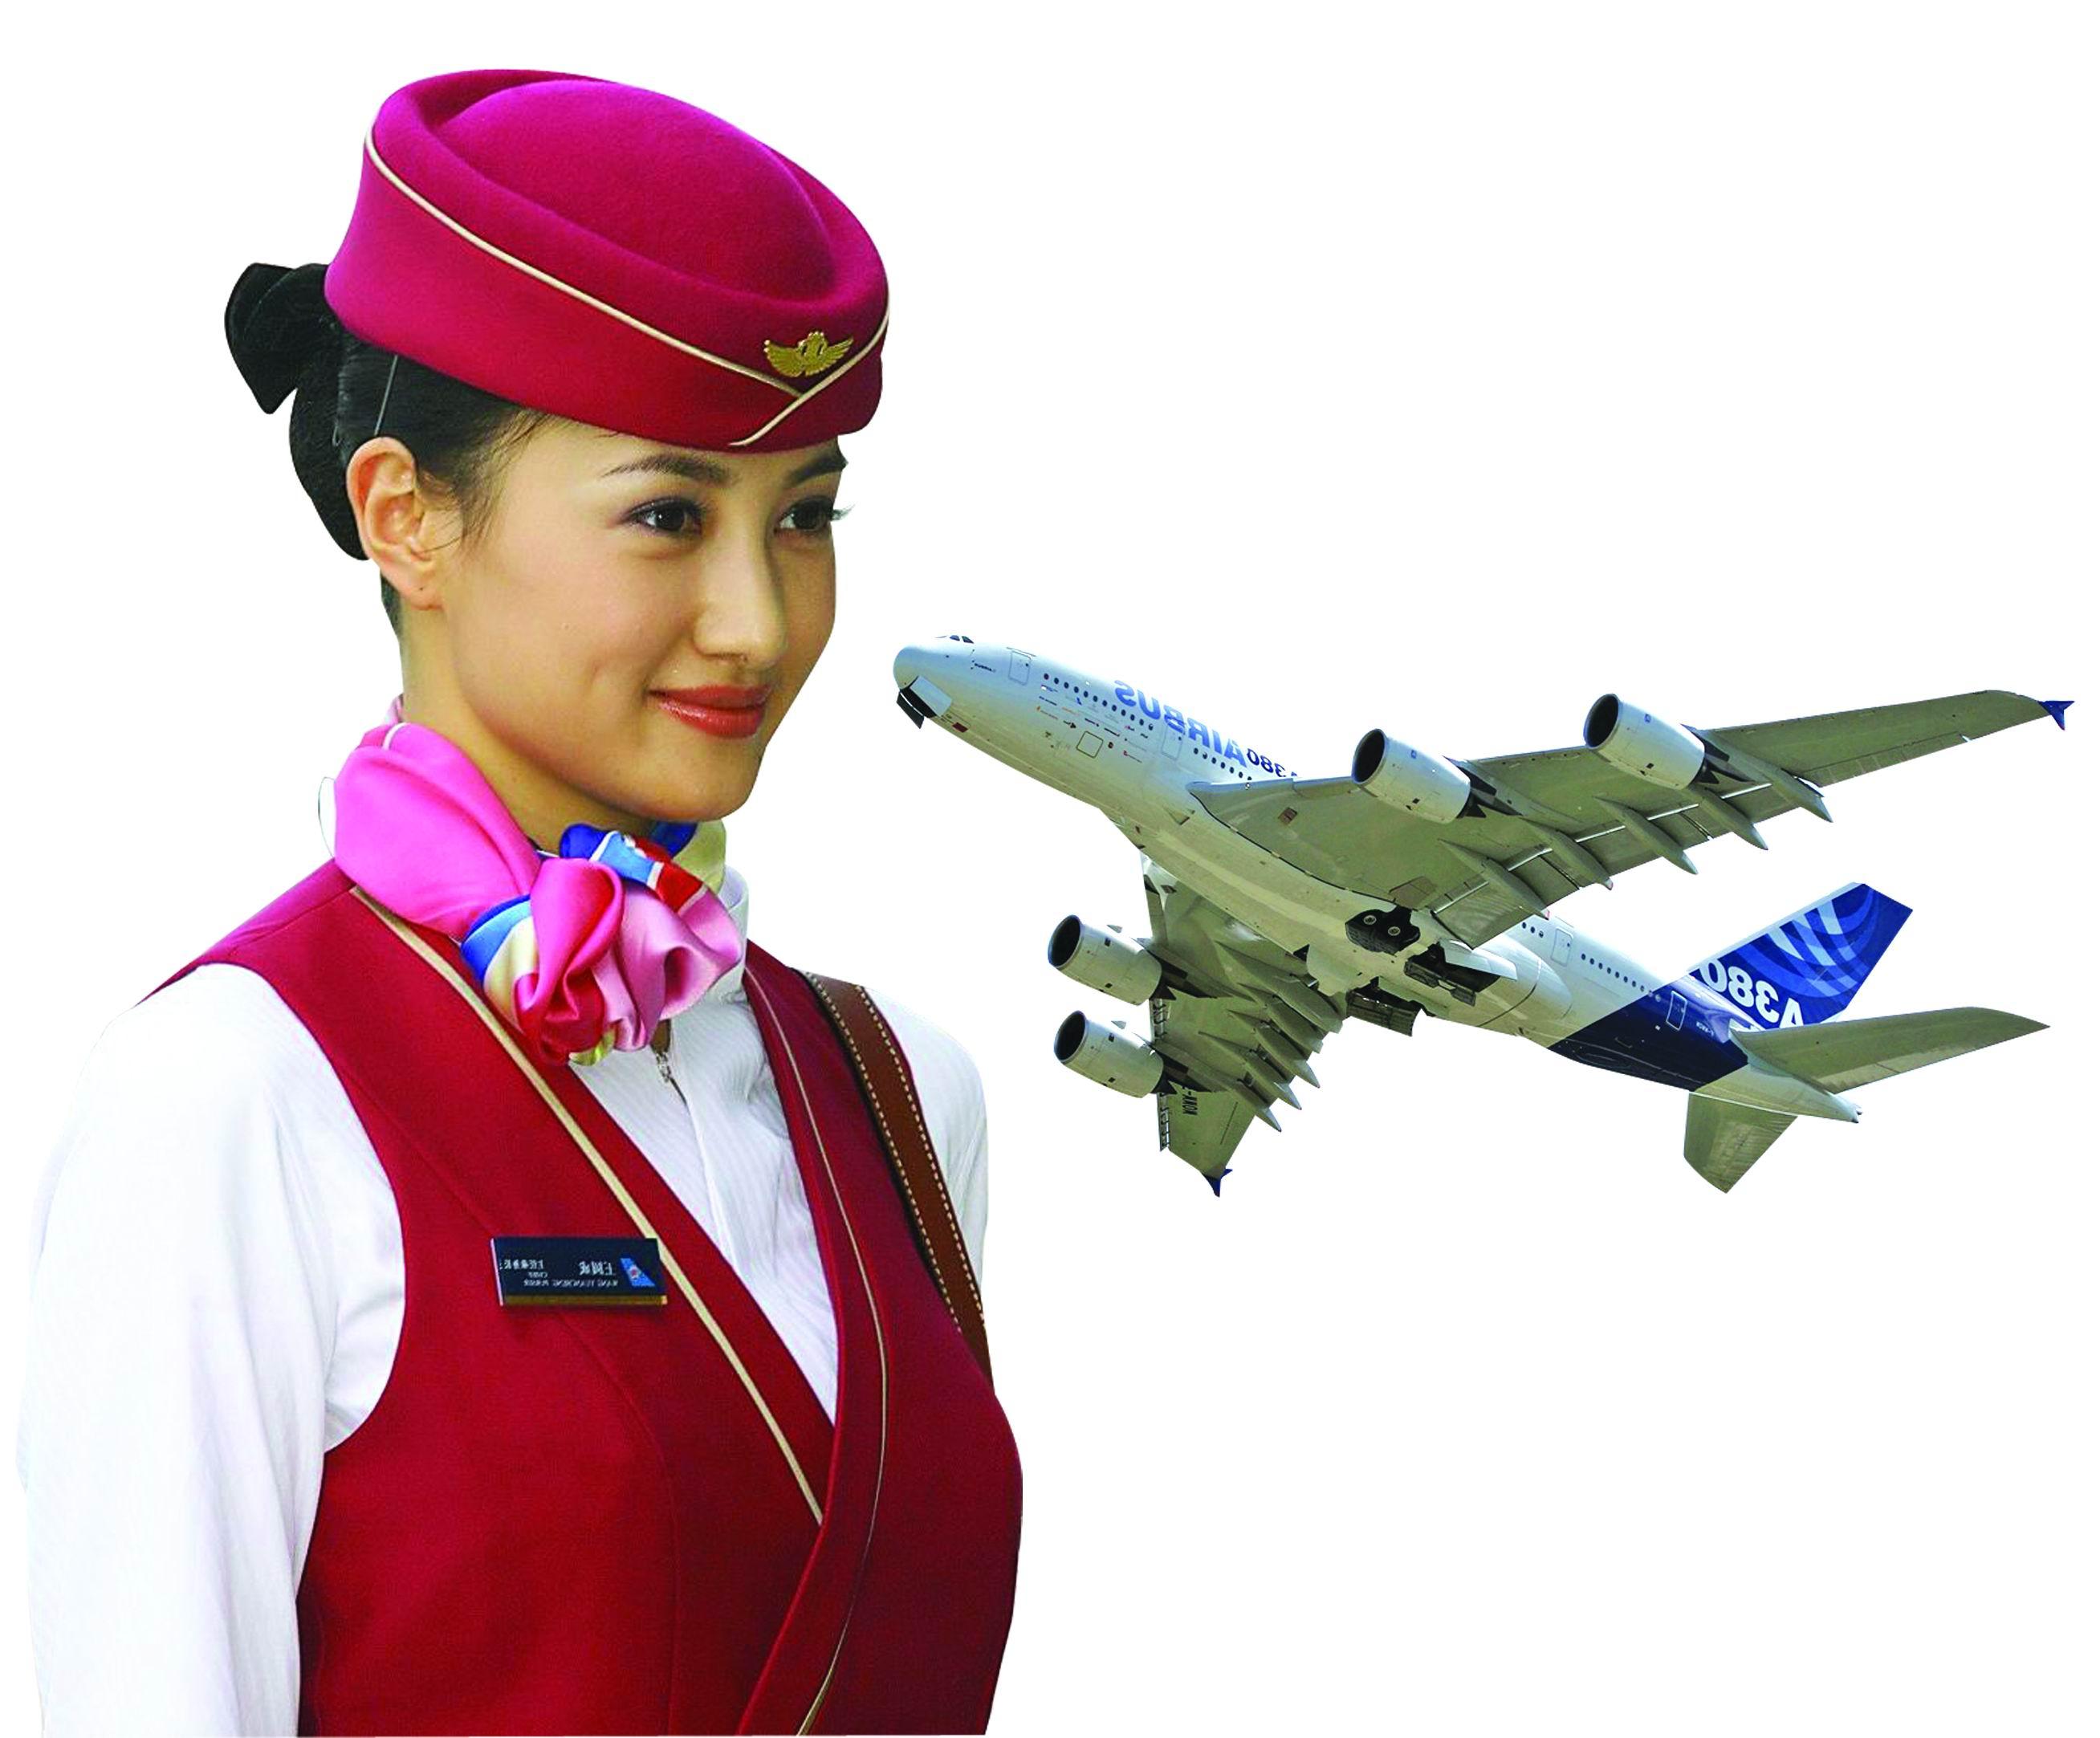 空姐 - znx123000 - 心语小院